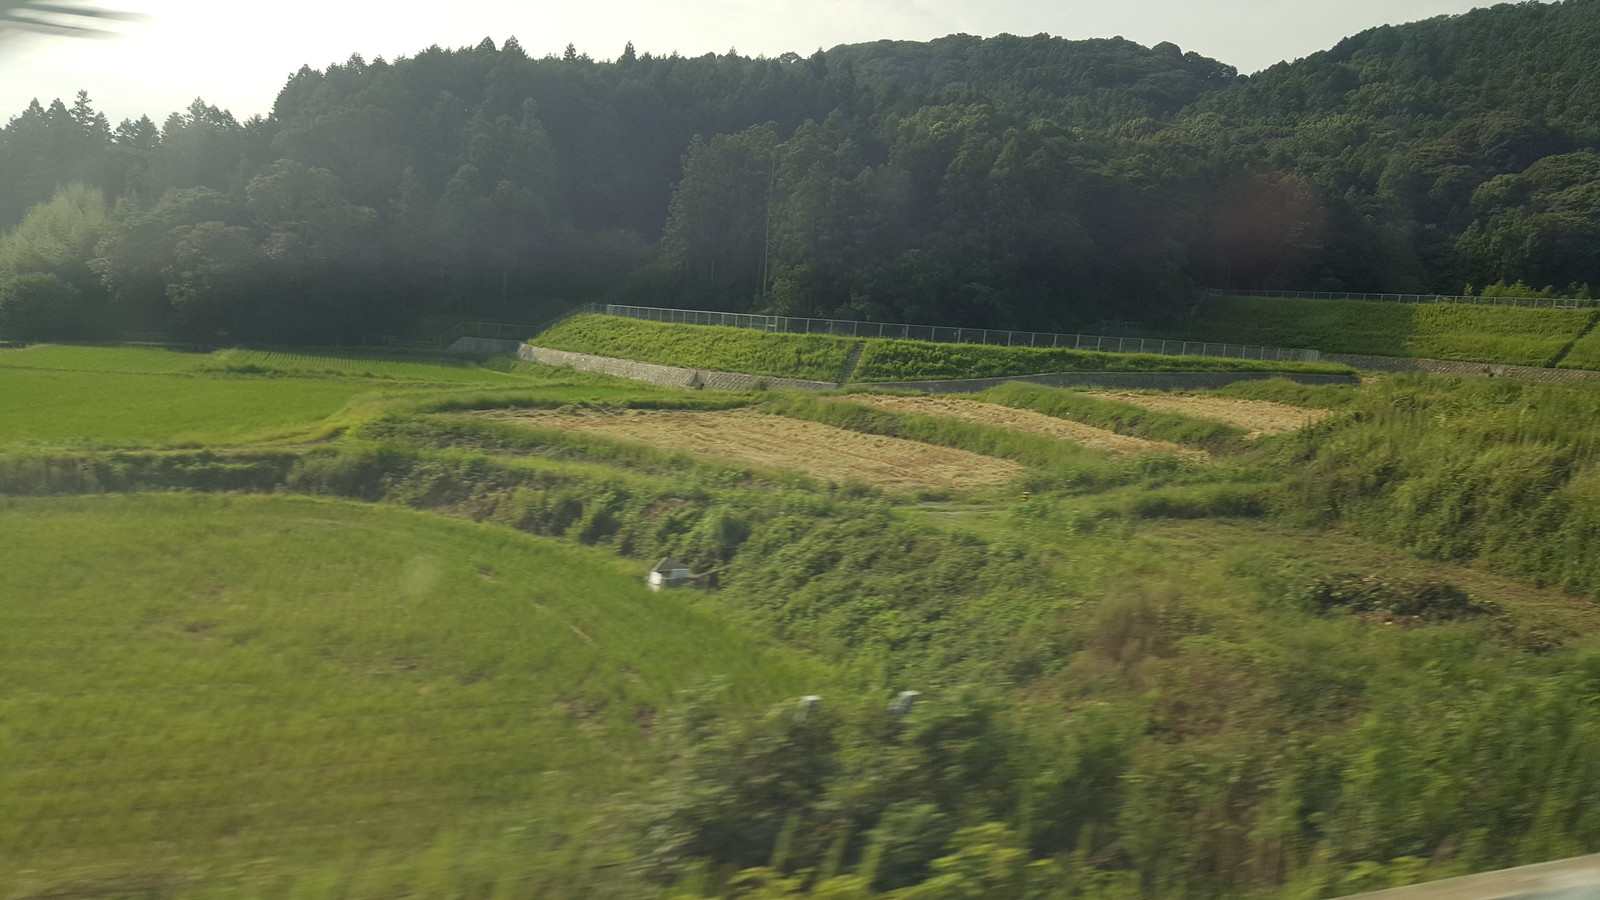 新幹線の窓口から外え見る。美しの景色です (Looking out of the window on the Shinkansen)